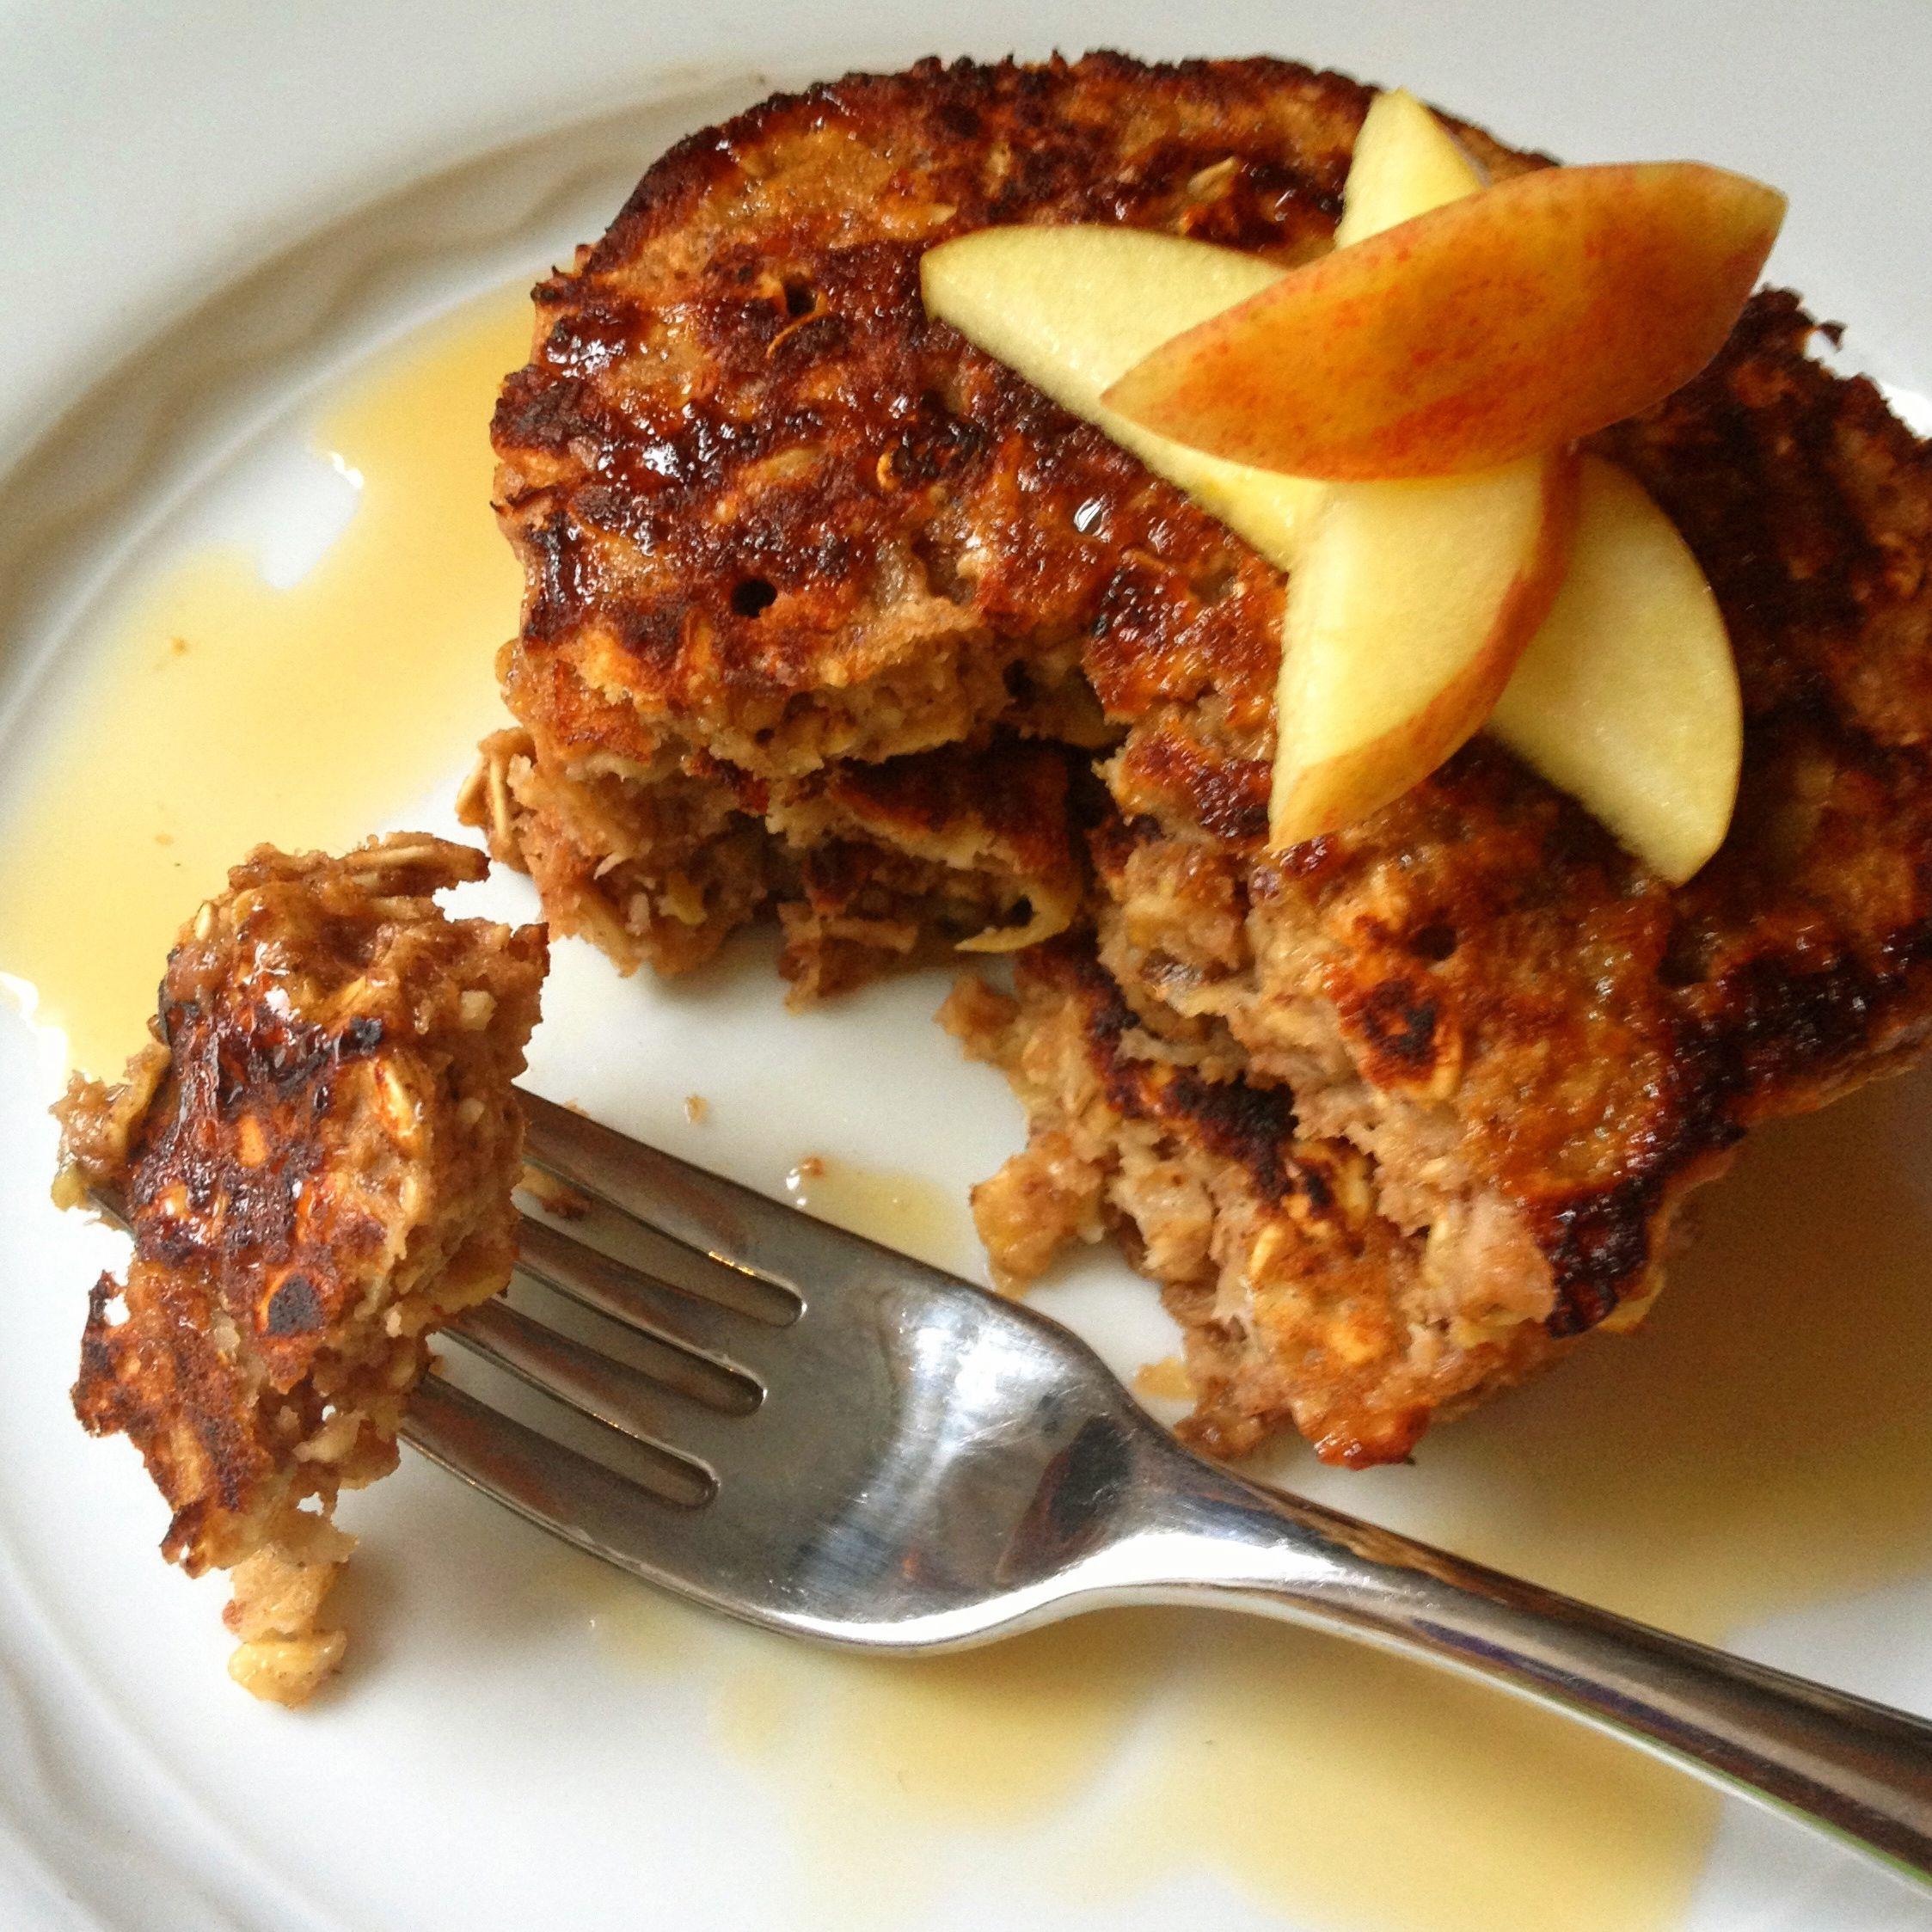 5 Photos of Apple Cinnamon Oatmeal Pancakes